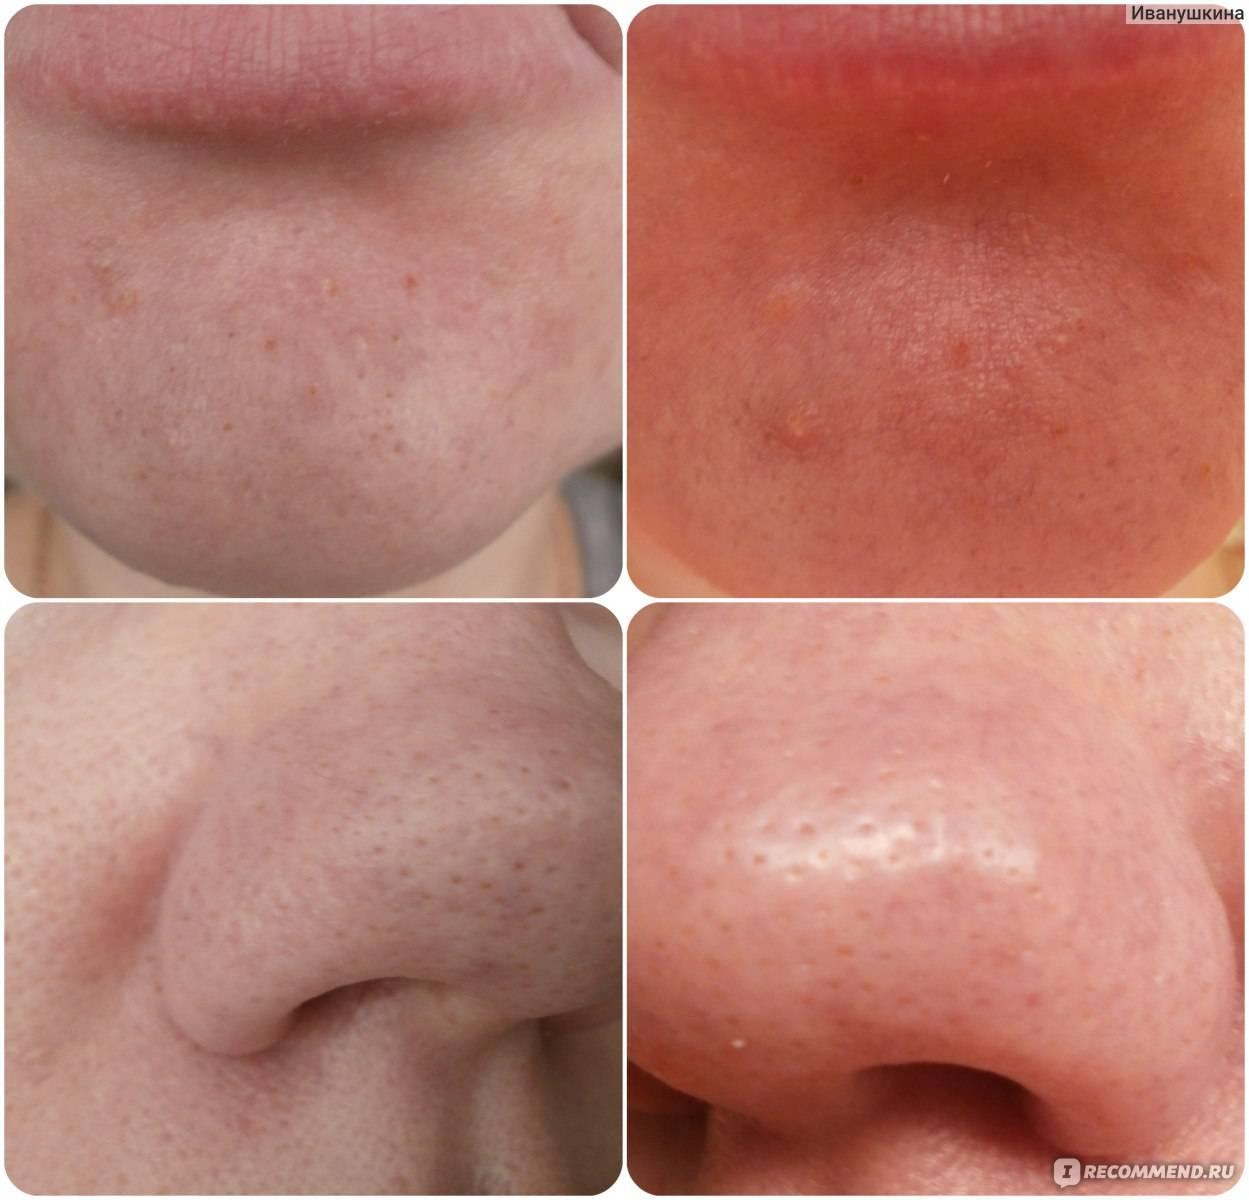 Салициловая кислота для лица: избавляемся от прыщей и пигментных пятен